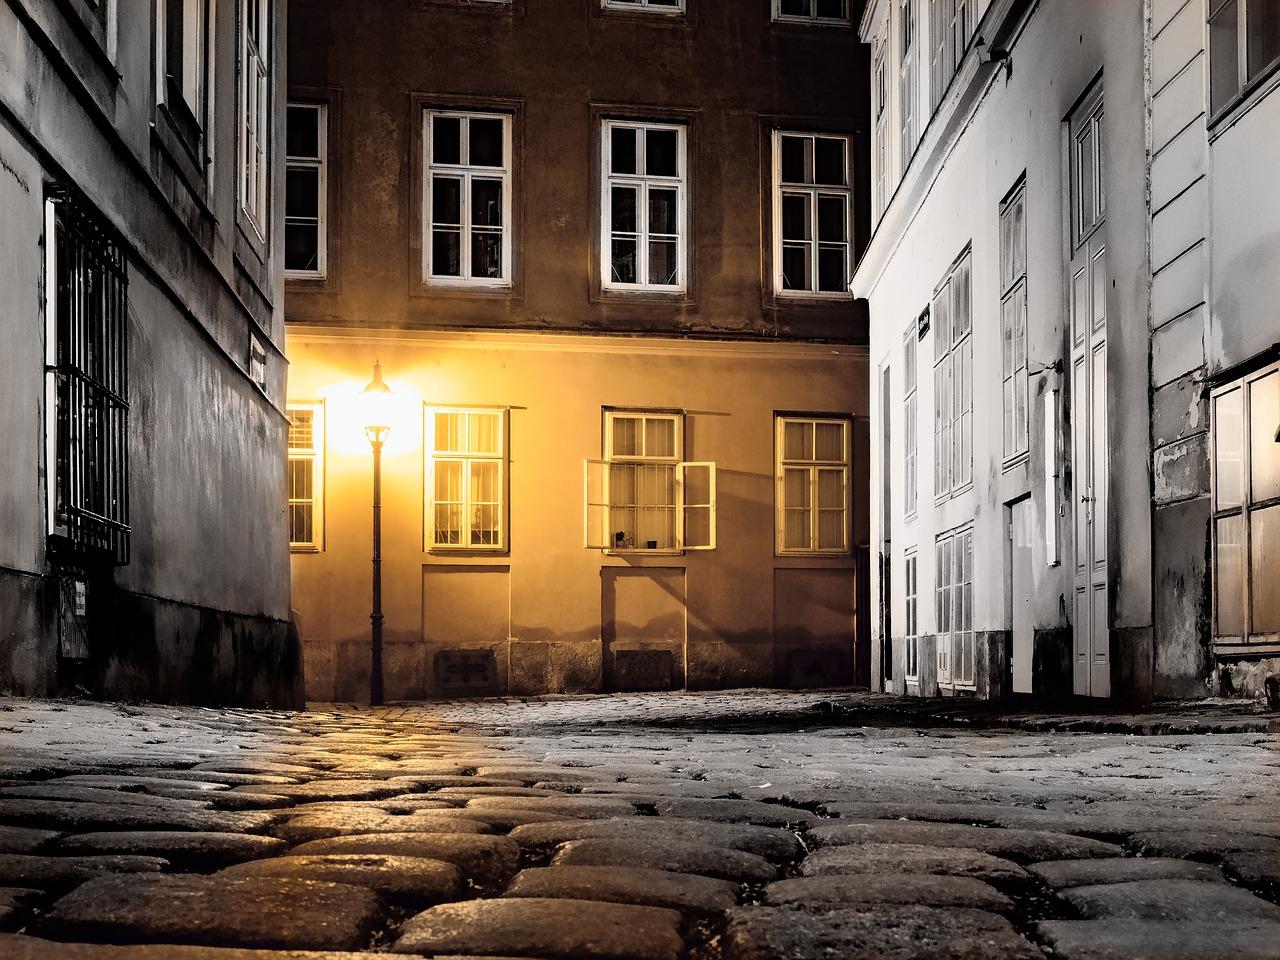 Das Bild zeigt eine nächtliche Gasse in Wien.